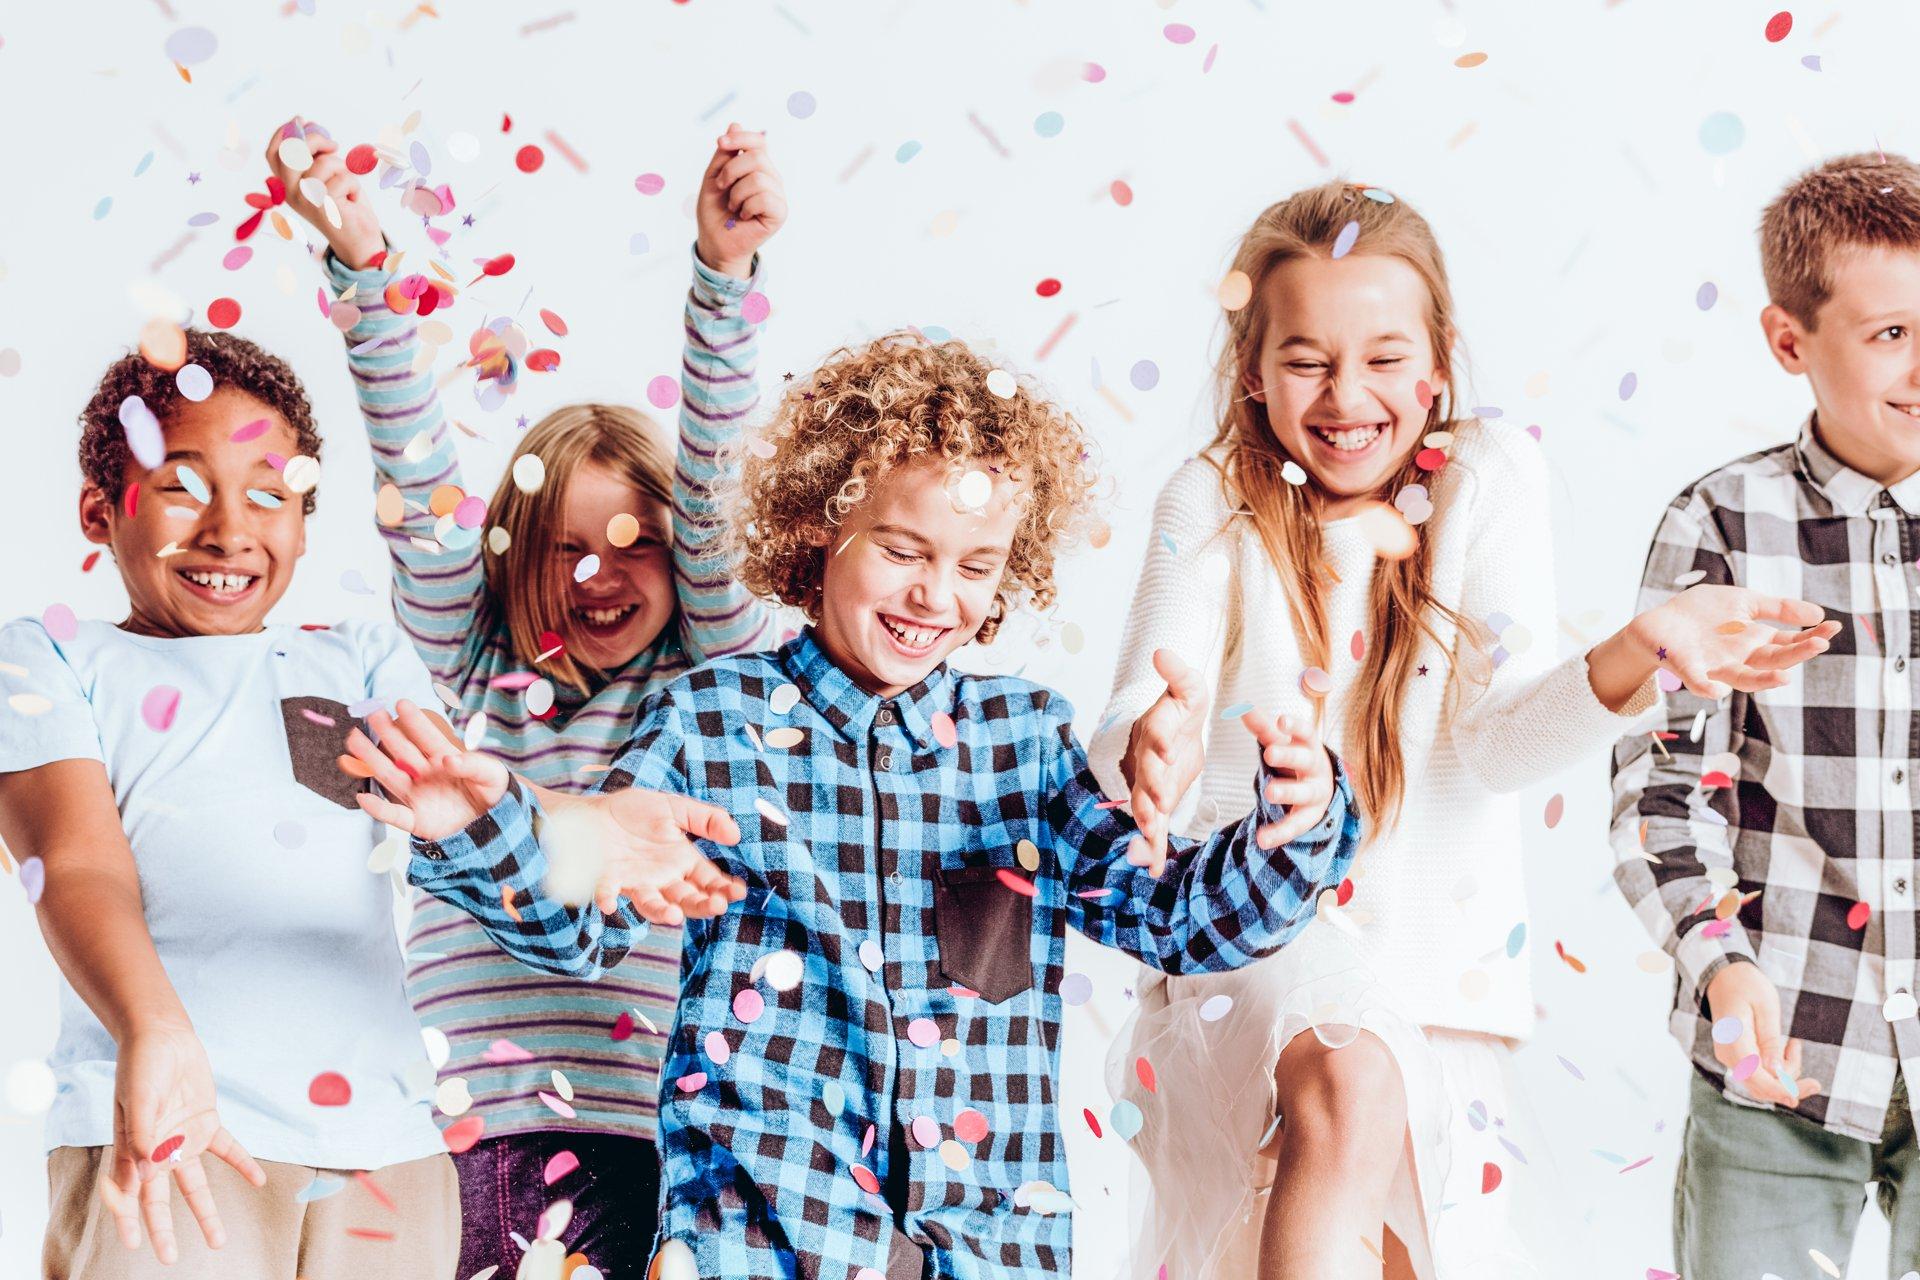 Lachende Kinder im Konfettiregen